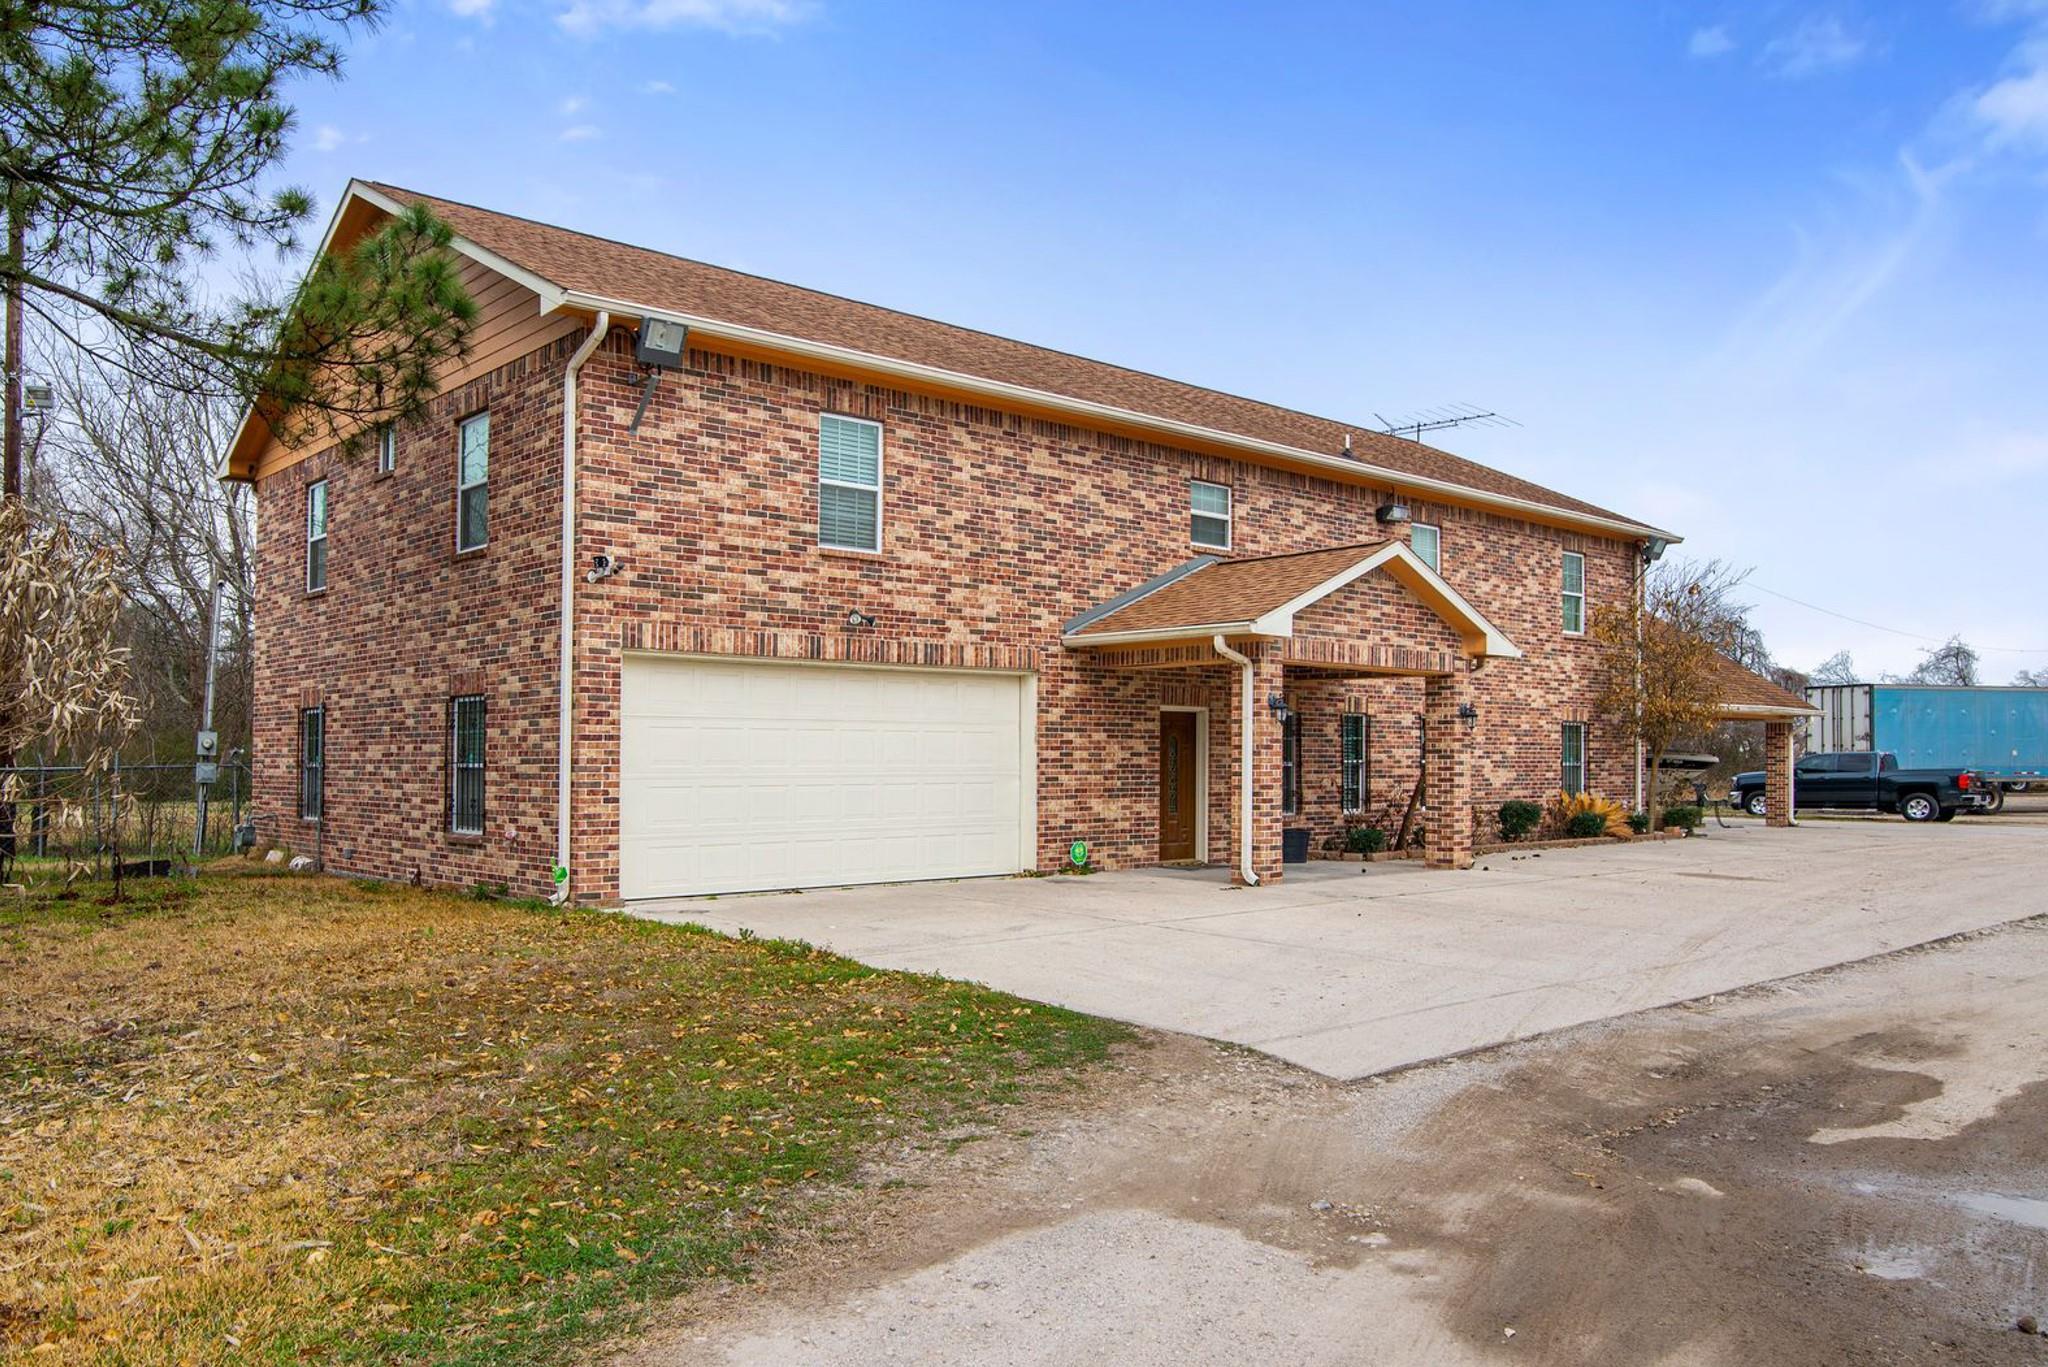 1424 & 1426 N Market Loop Baytown Texas 77521, Baytown